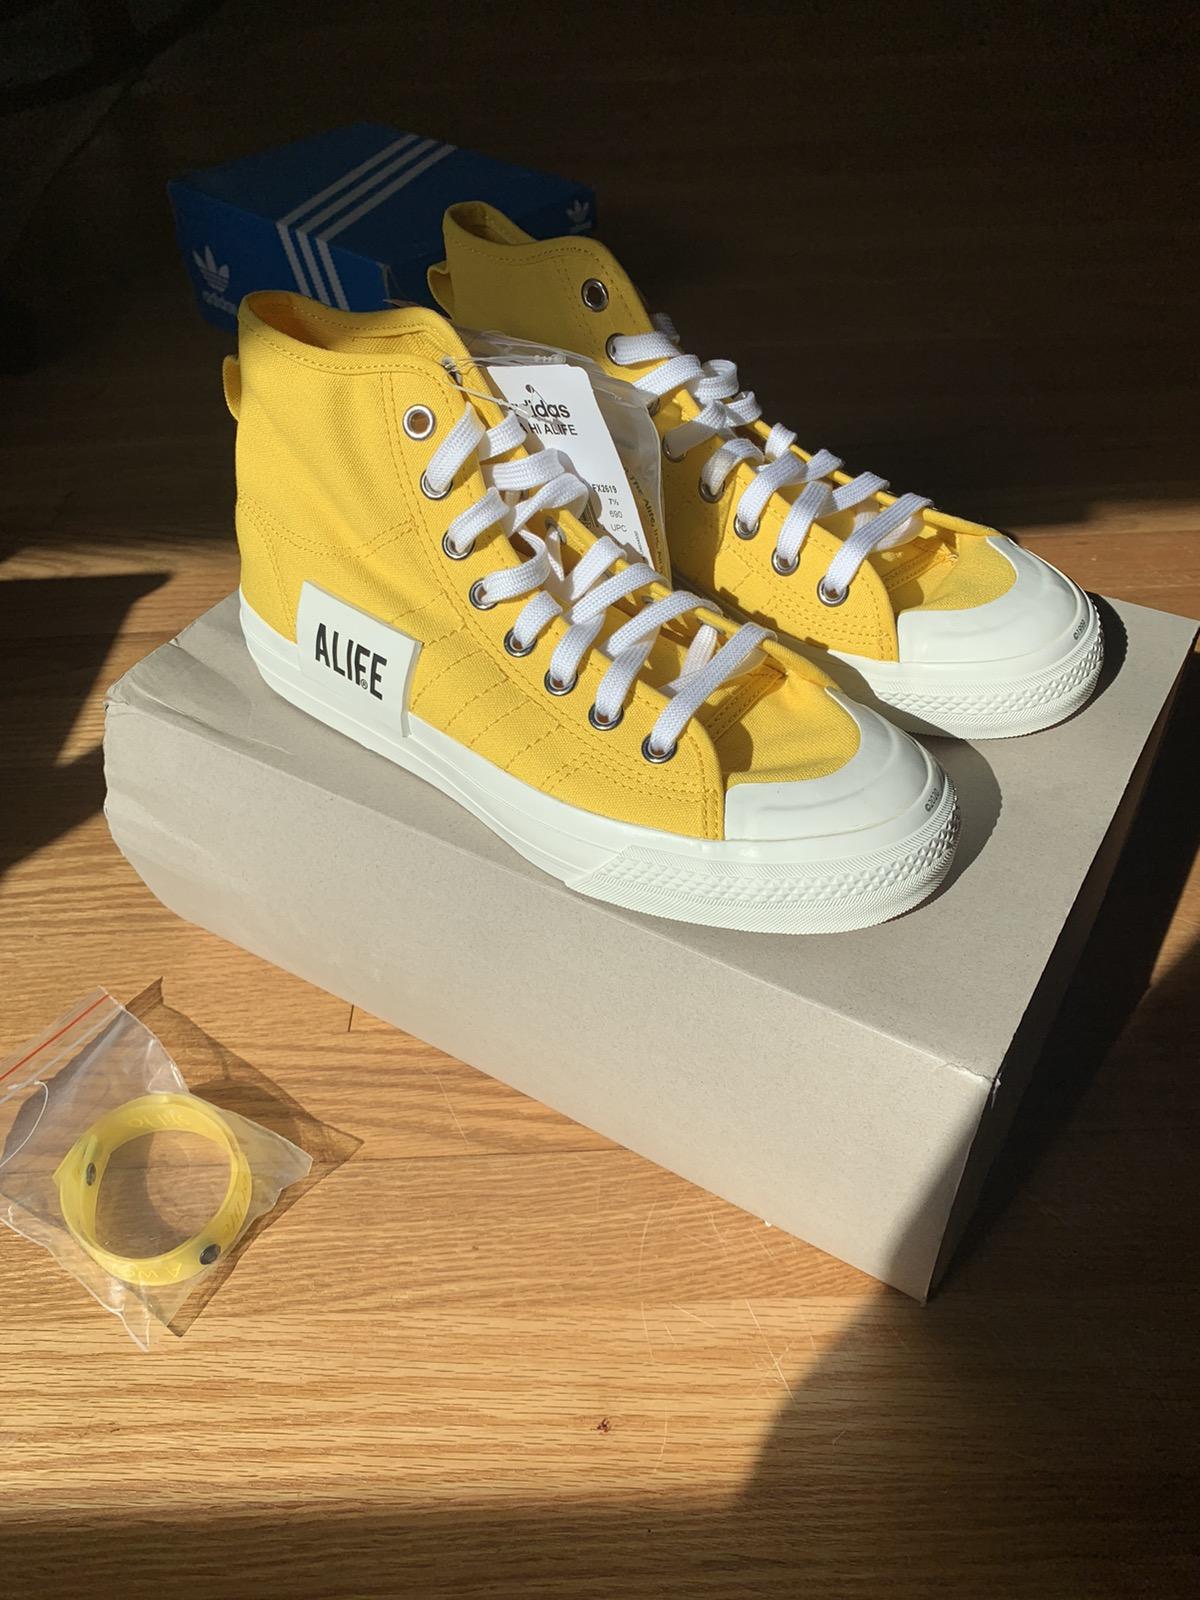 Adidas Adidas x ALife Nizza Hi yellow